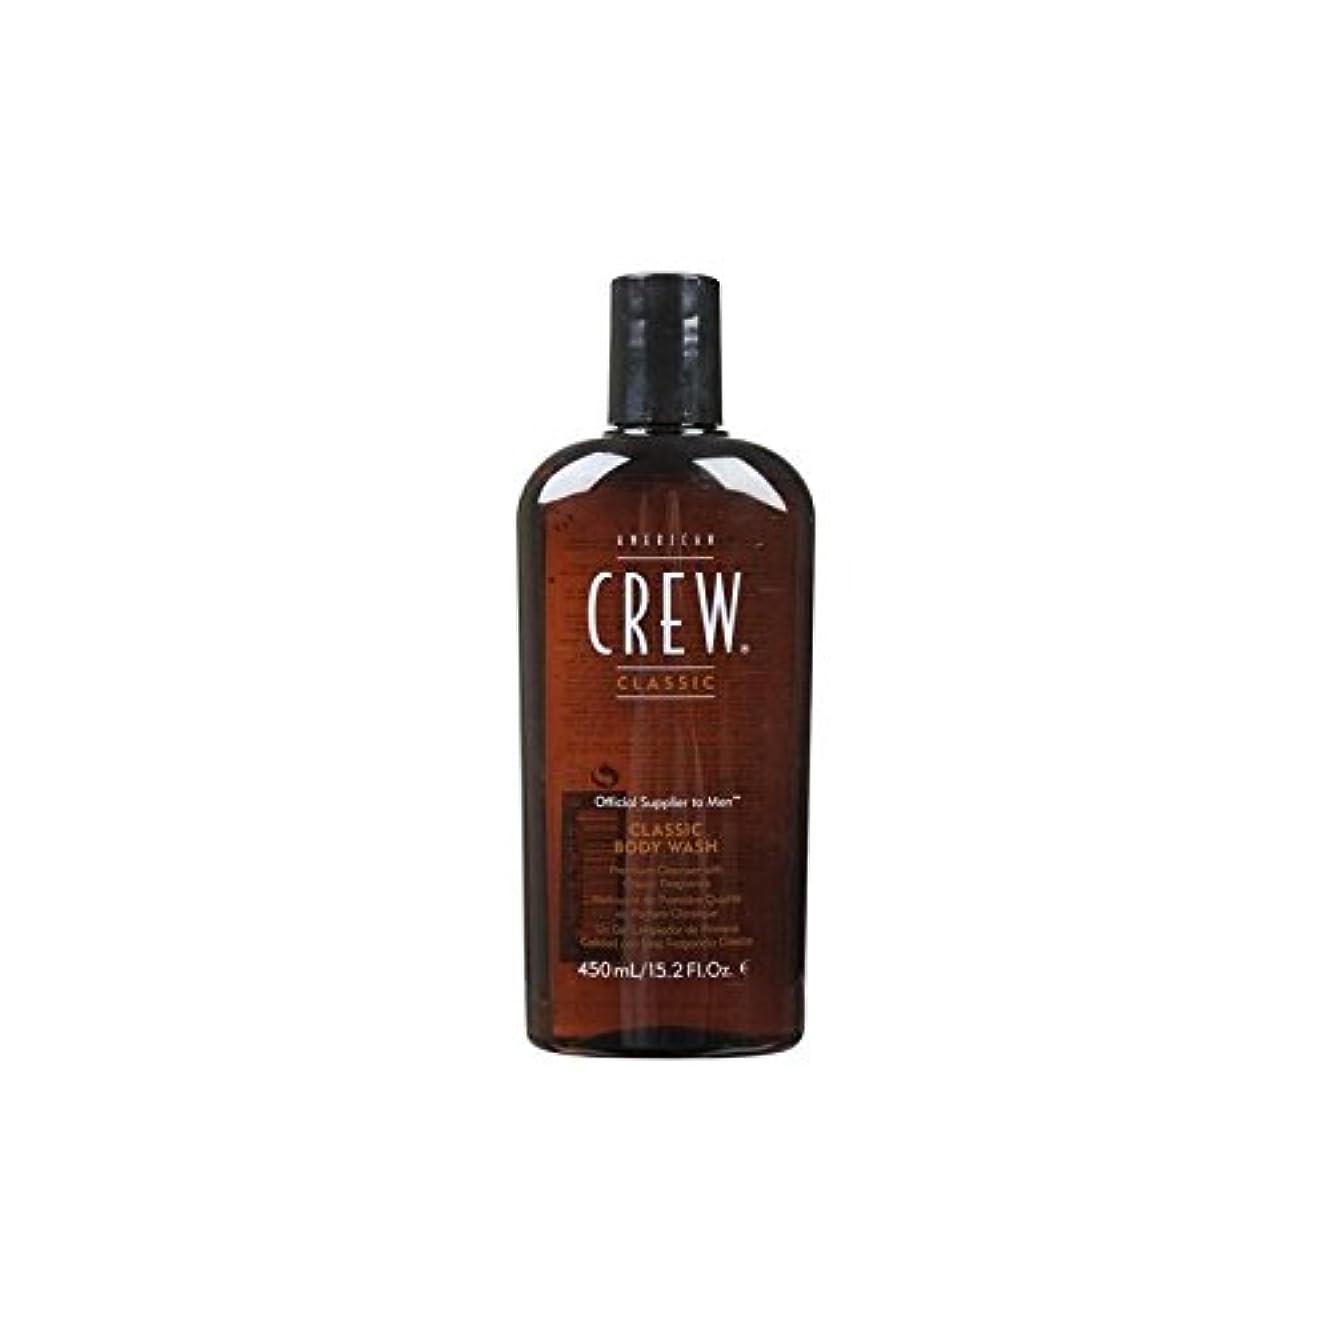 増加する起こるシャワーAmerican Crew Classic Body Wash (450ml) (Pack of 6) - アメリカンクルークラシックなボディウォッシュ(450ミリリットル) x6 [並行輸入品]